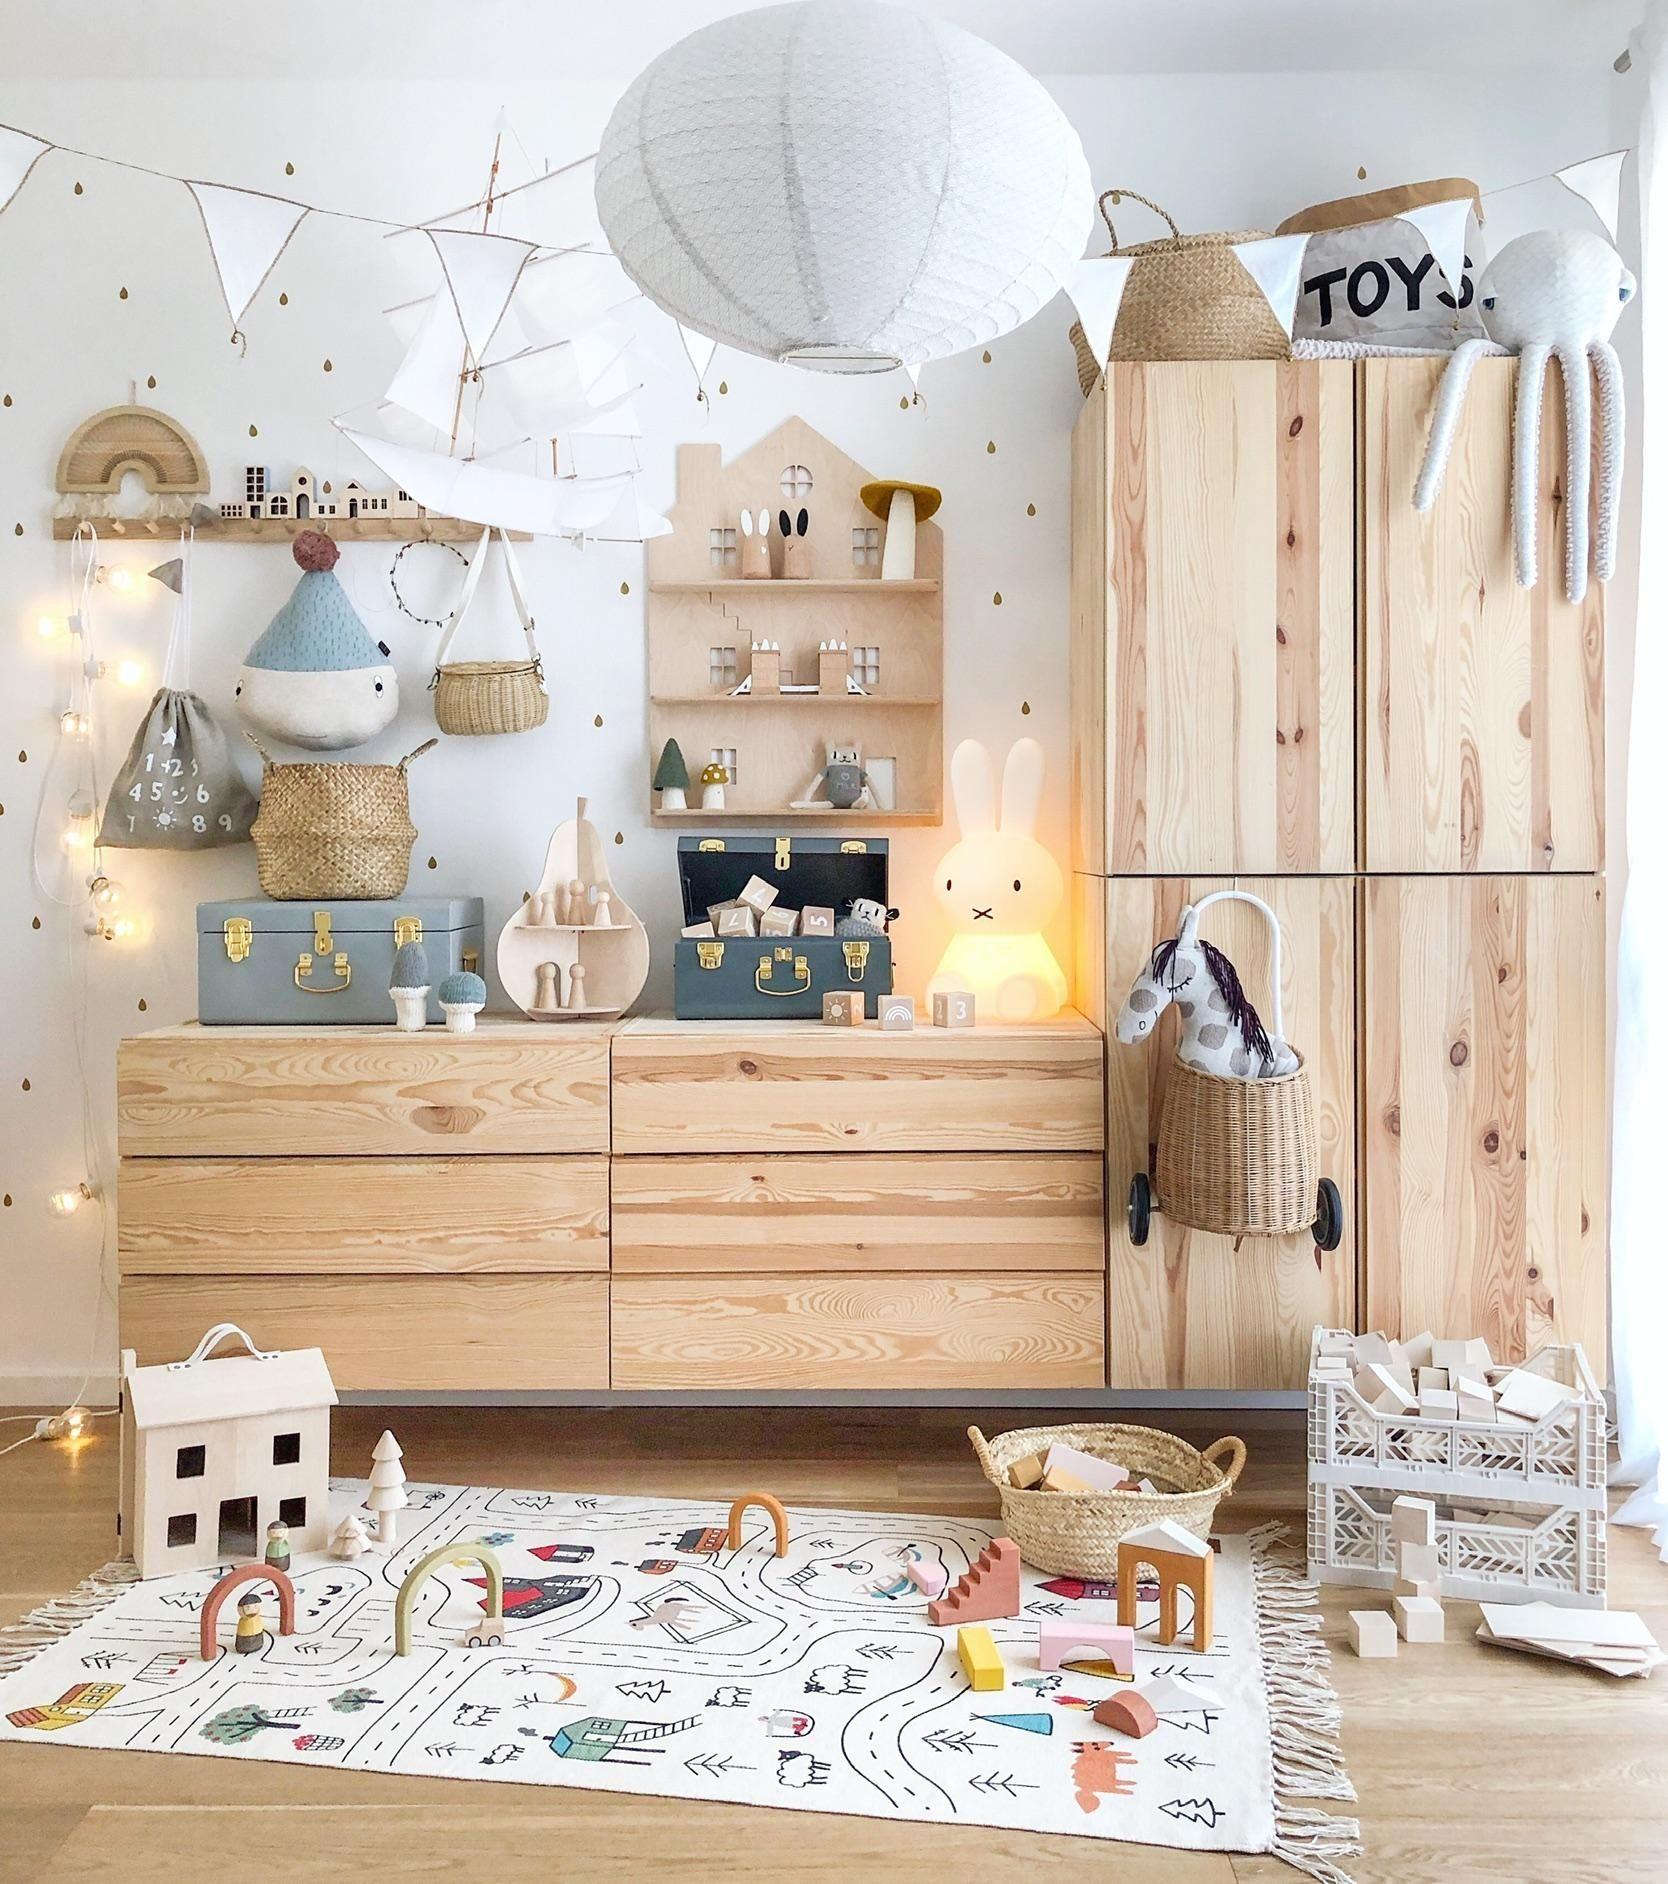 ikeahack  kinderzimmer  boysroom  kidsroom